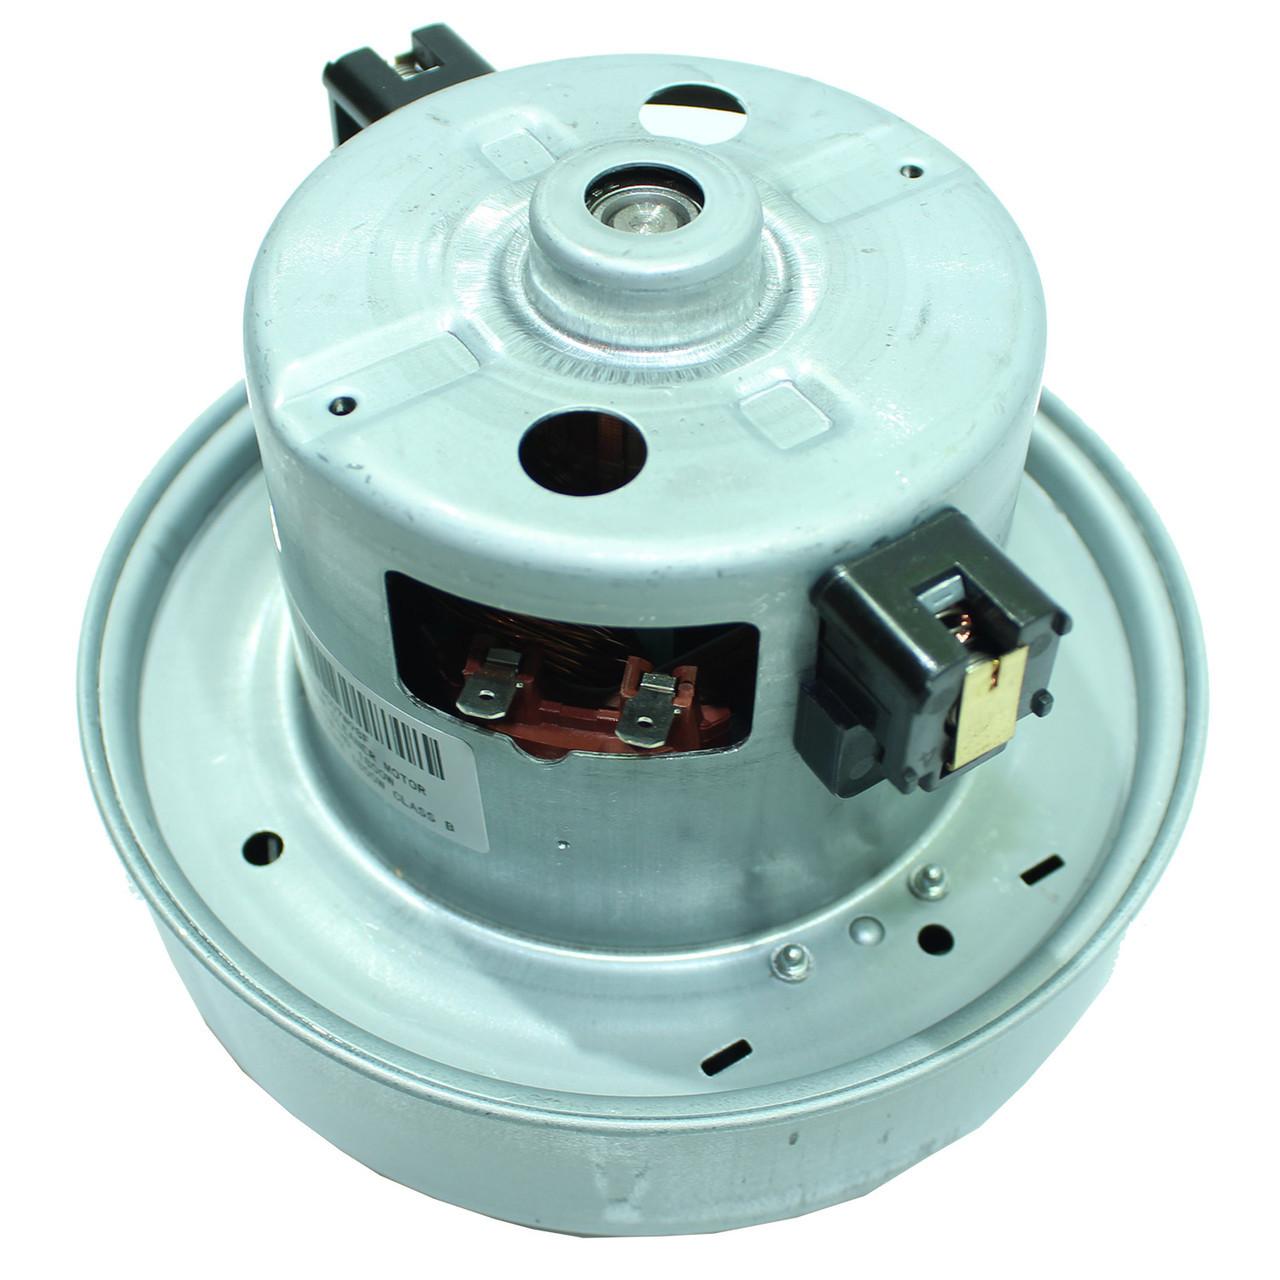 Двигатель, Мотор для пылесоса Samsung, 1800Вт (D=135 mm, H=112 mm)